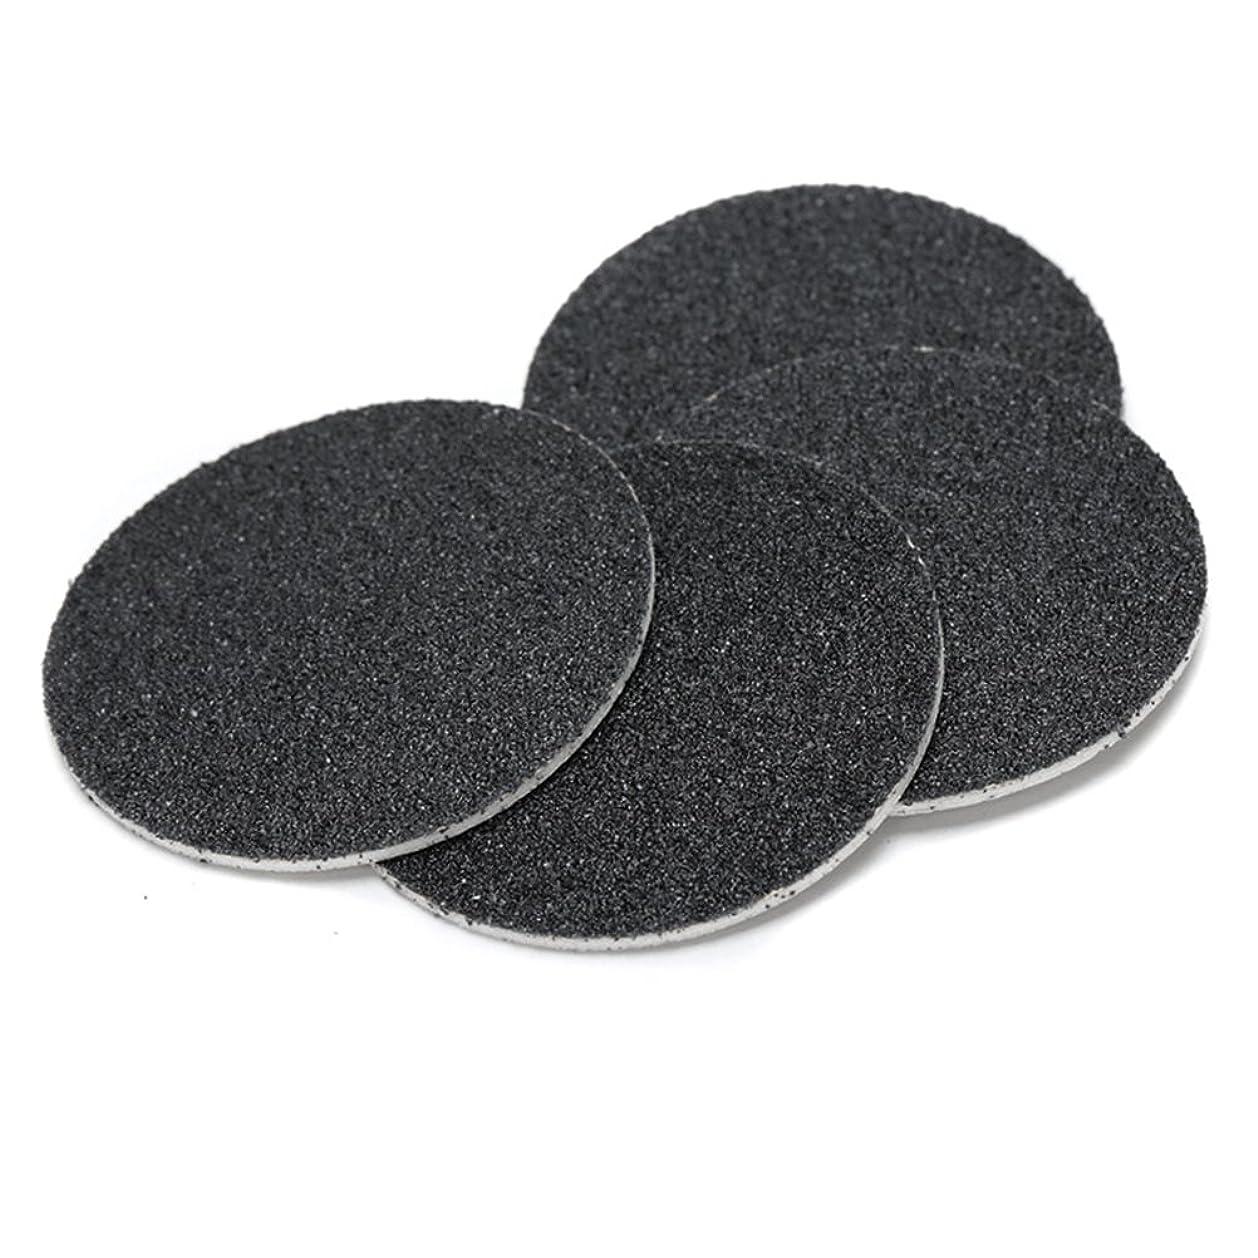 阻害する半導体プライムJoint Victory Pedicure Tools 1 Box (60pcs) Replacement Sandpaper Discs Pad for Electric Foot File Callus Remover Black (Sandpaper Discs)